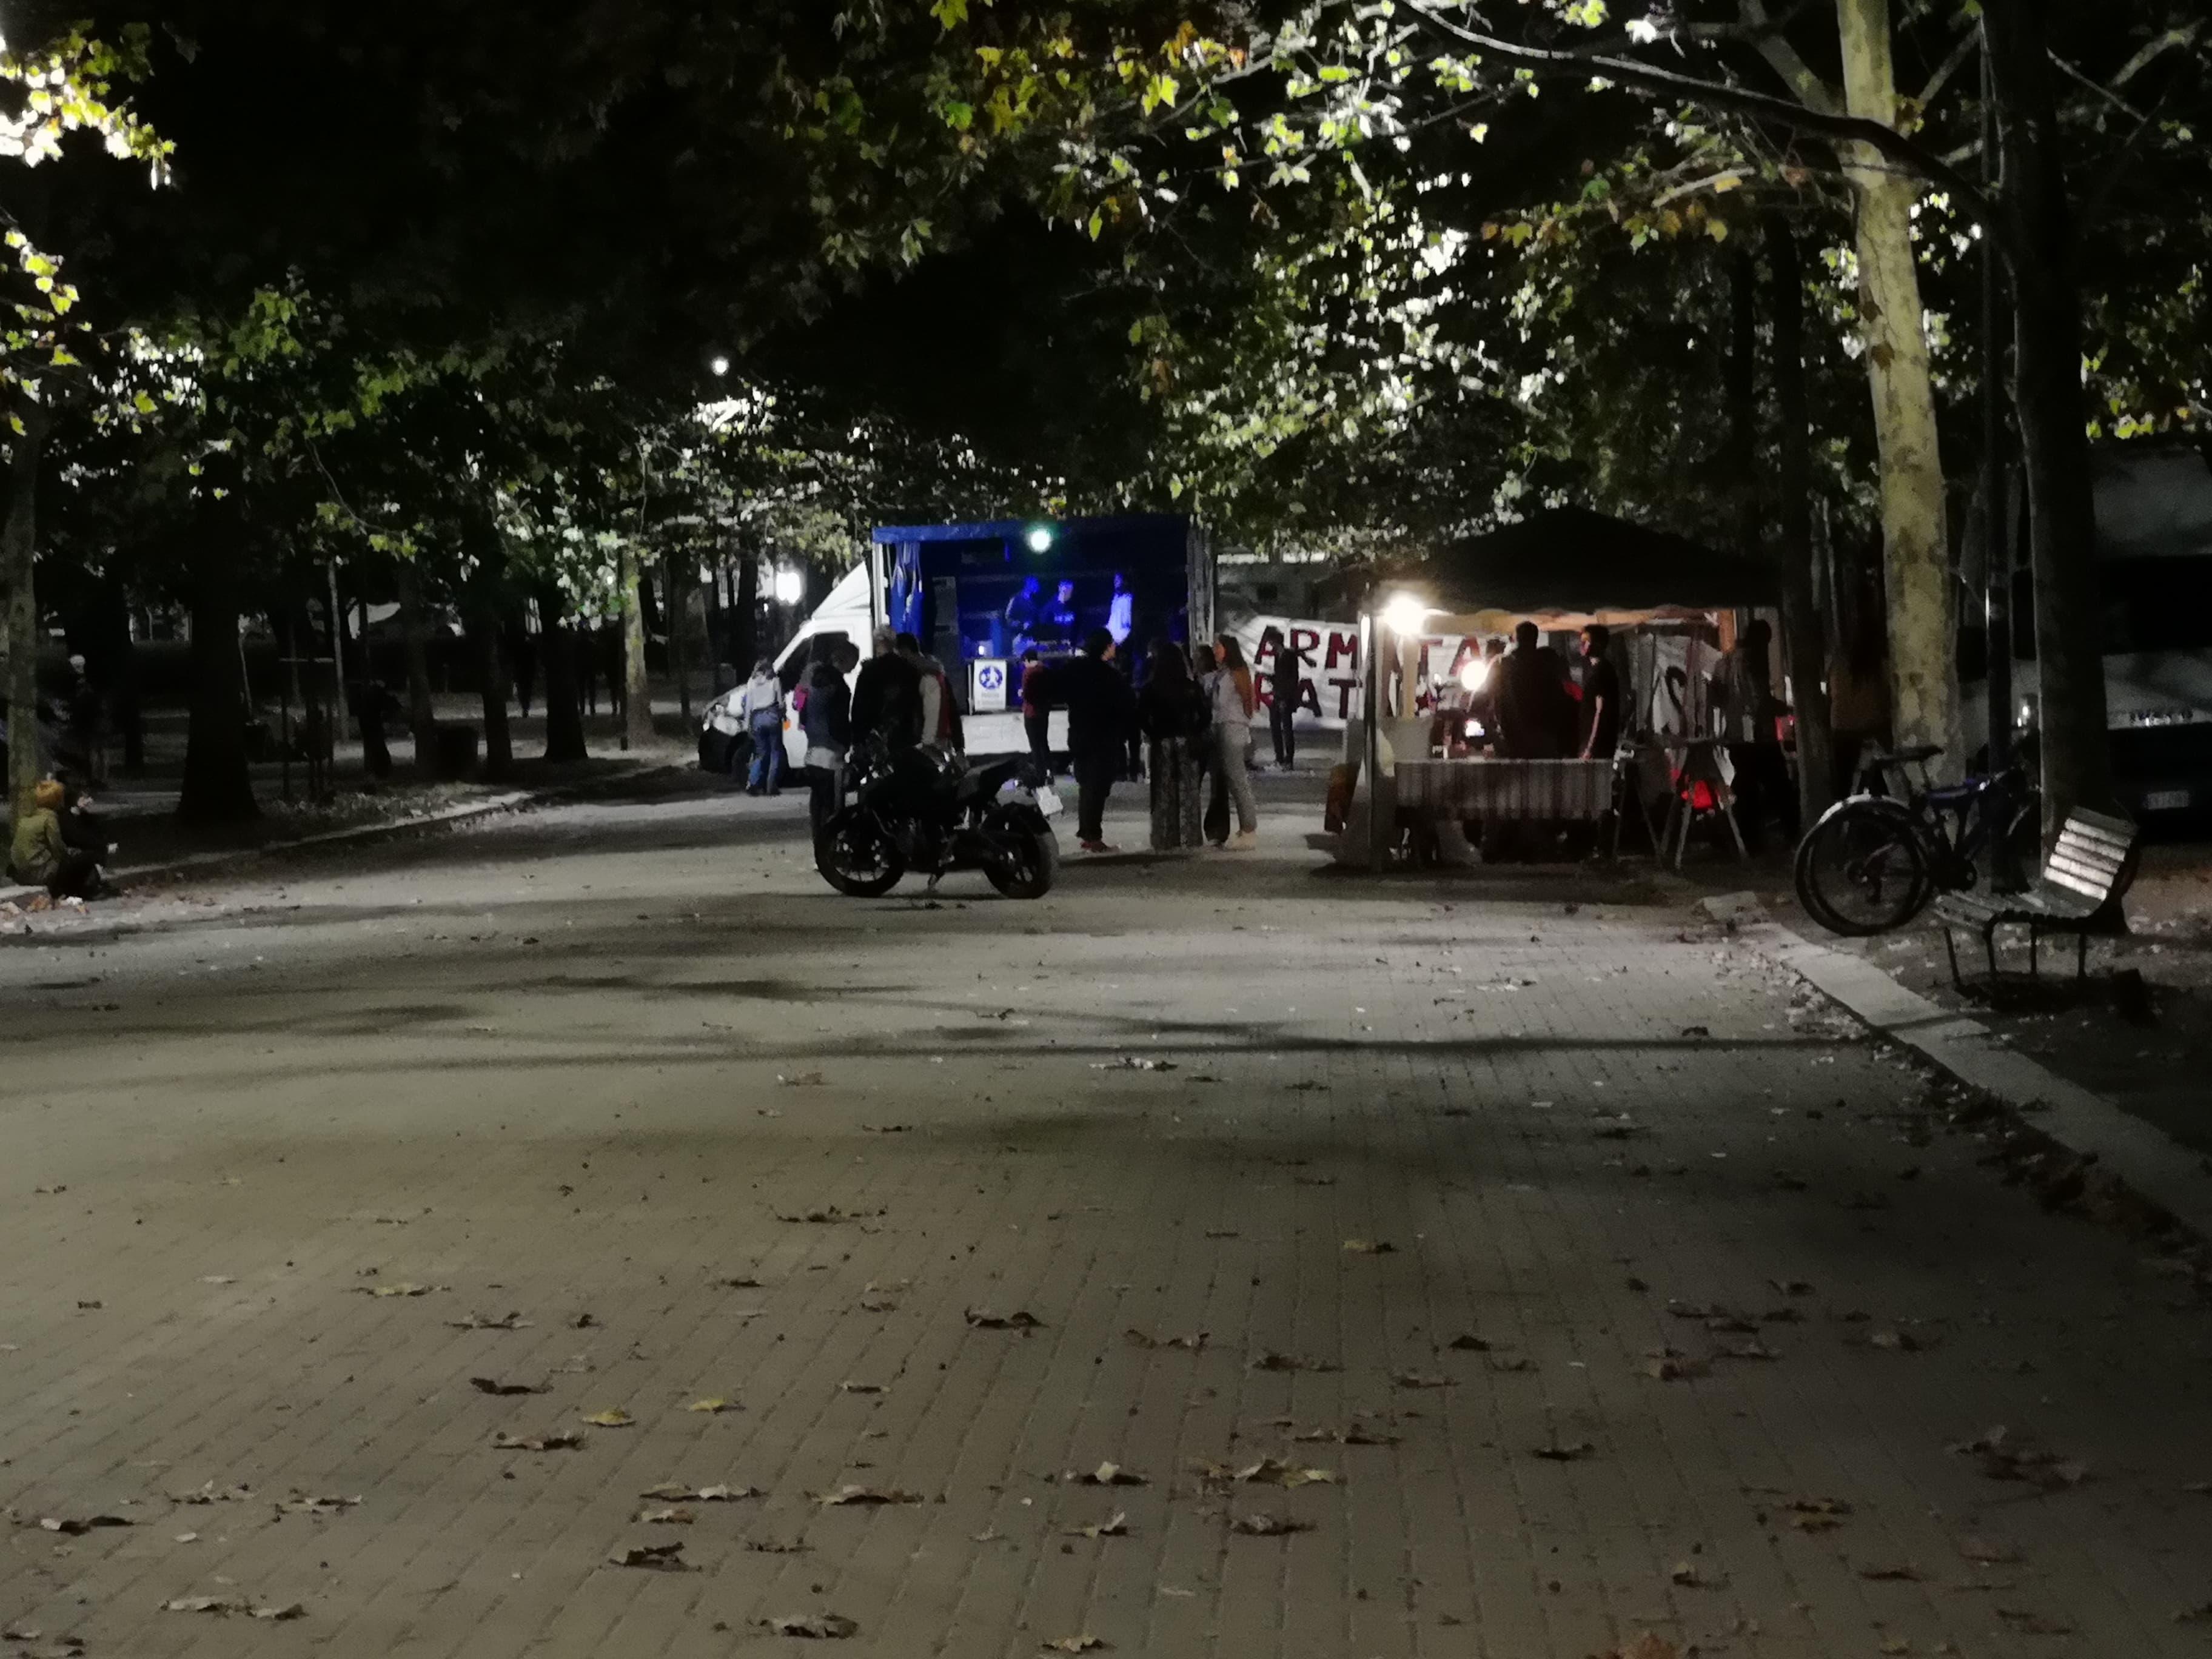 festa contro Salvini, un insuccesso